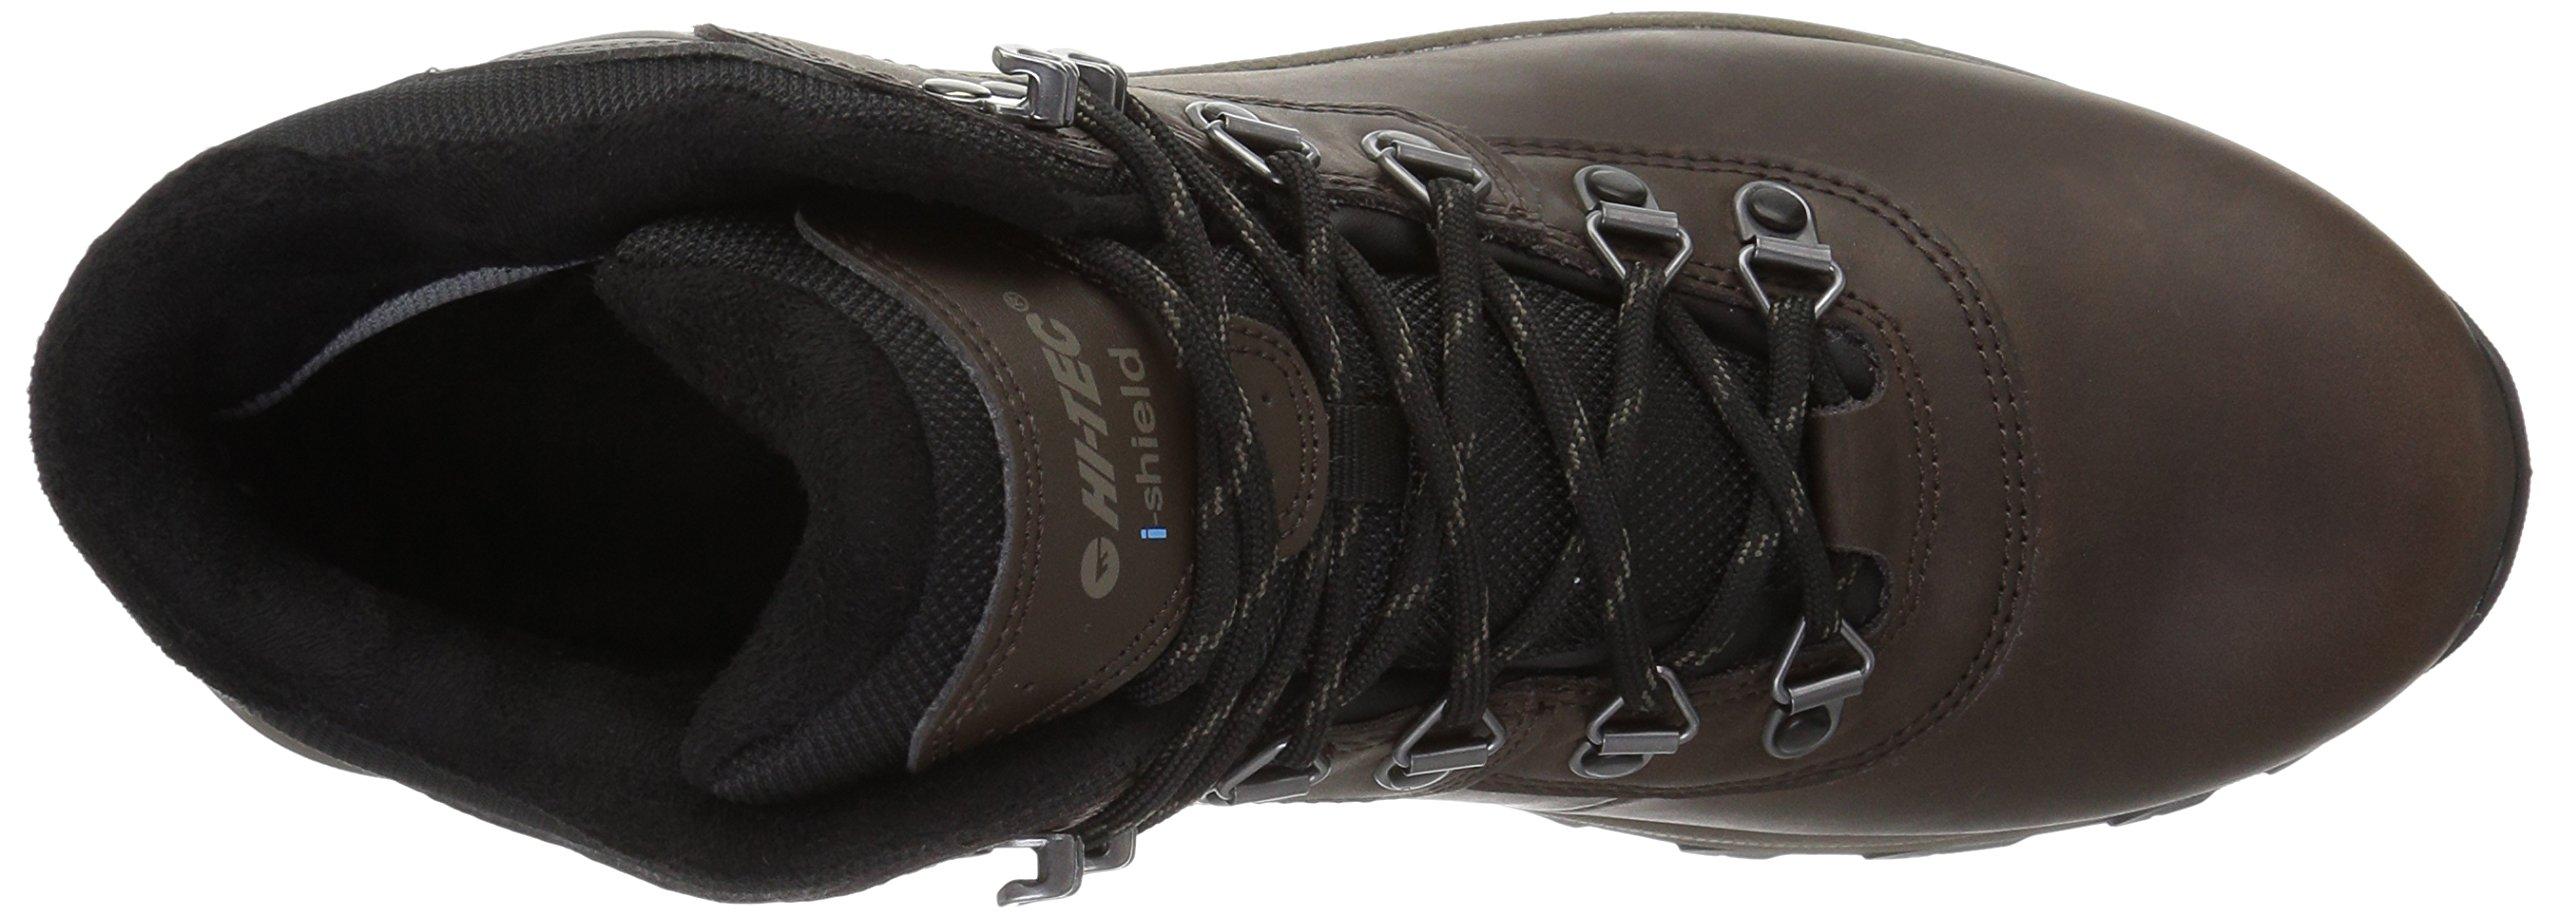 Hi-Tec Men's Altitude VI I Waterproof Hiking Boot, Dark Chocolate, 9.5 D US by Hi-Tec (Image #8)